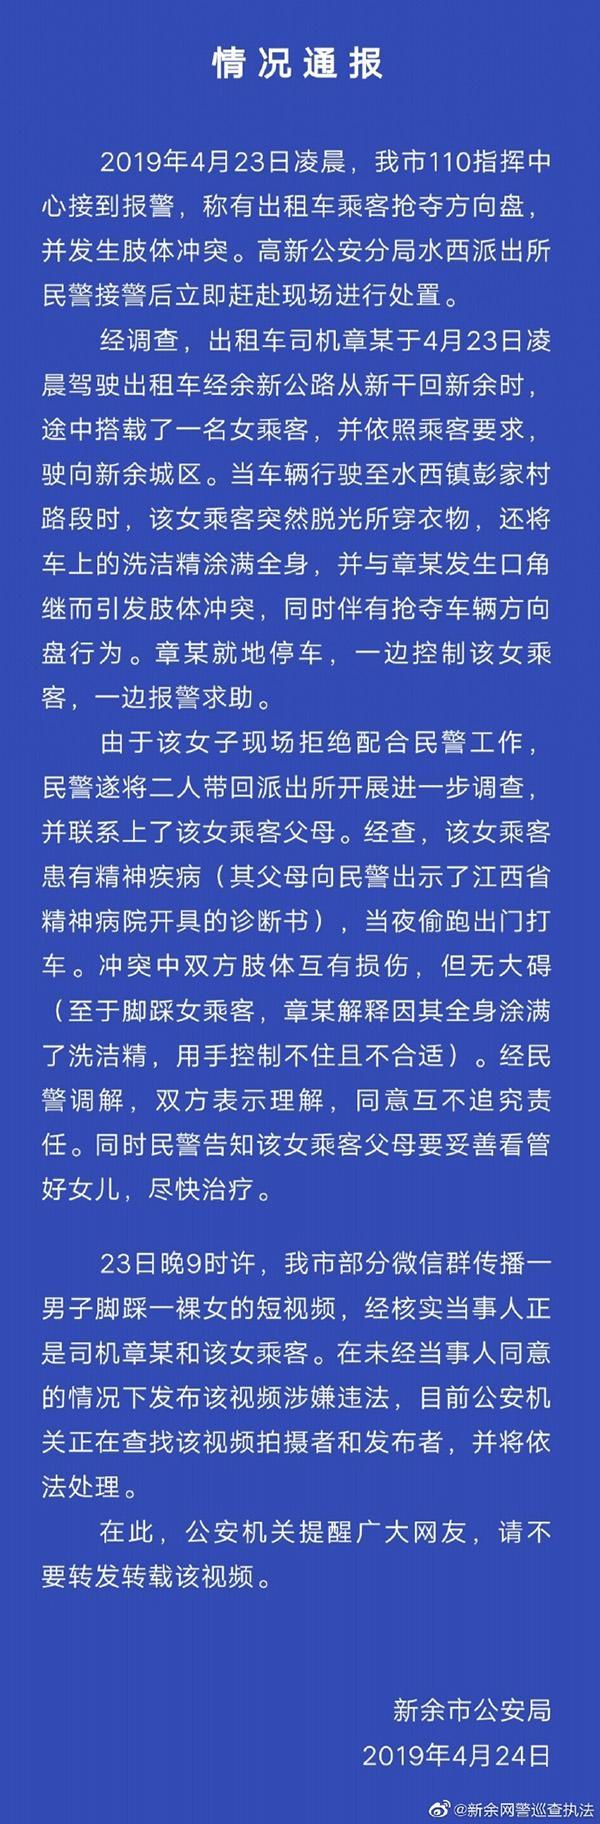 江西新余通报女乘客脱衣抢方向盘:有精神疾病,视频发布者涉违法